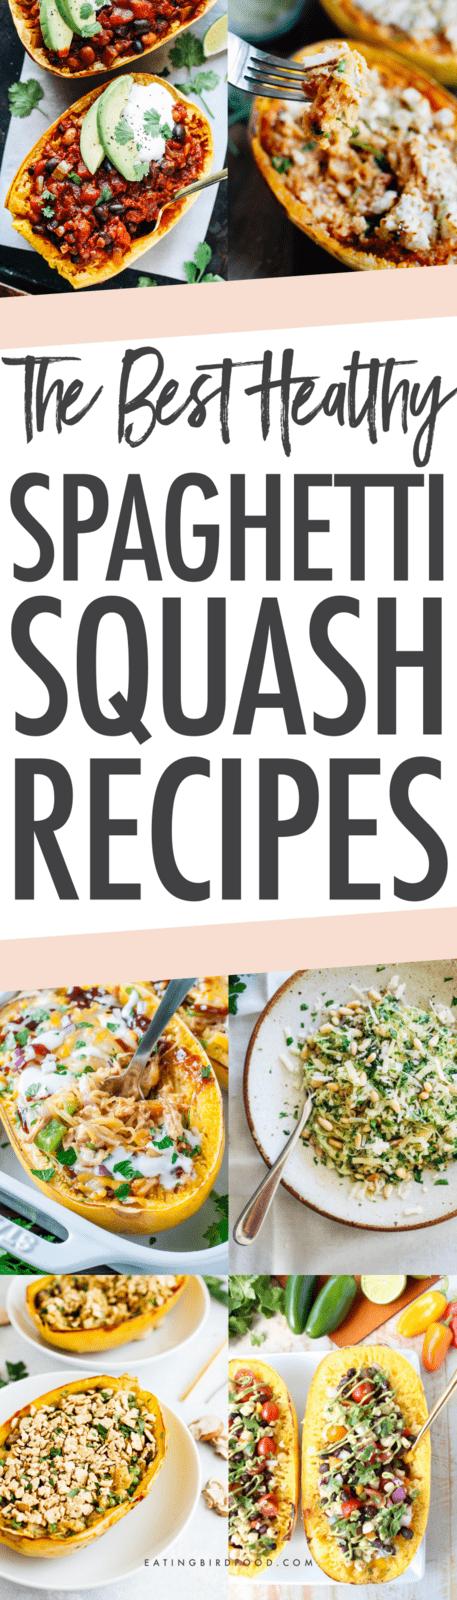 21 Spaghetti Squash Recipes #spagettisquashrecipes